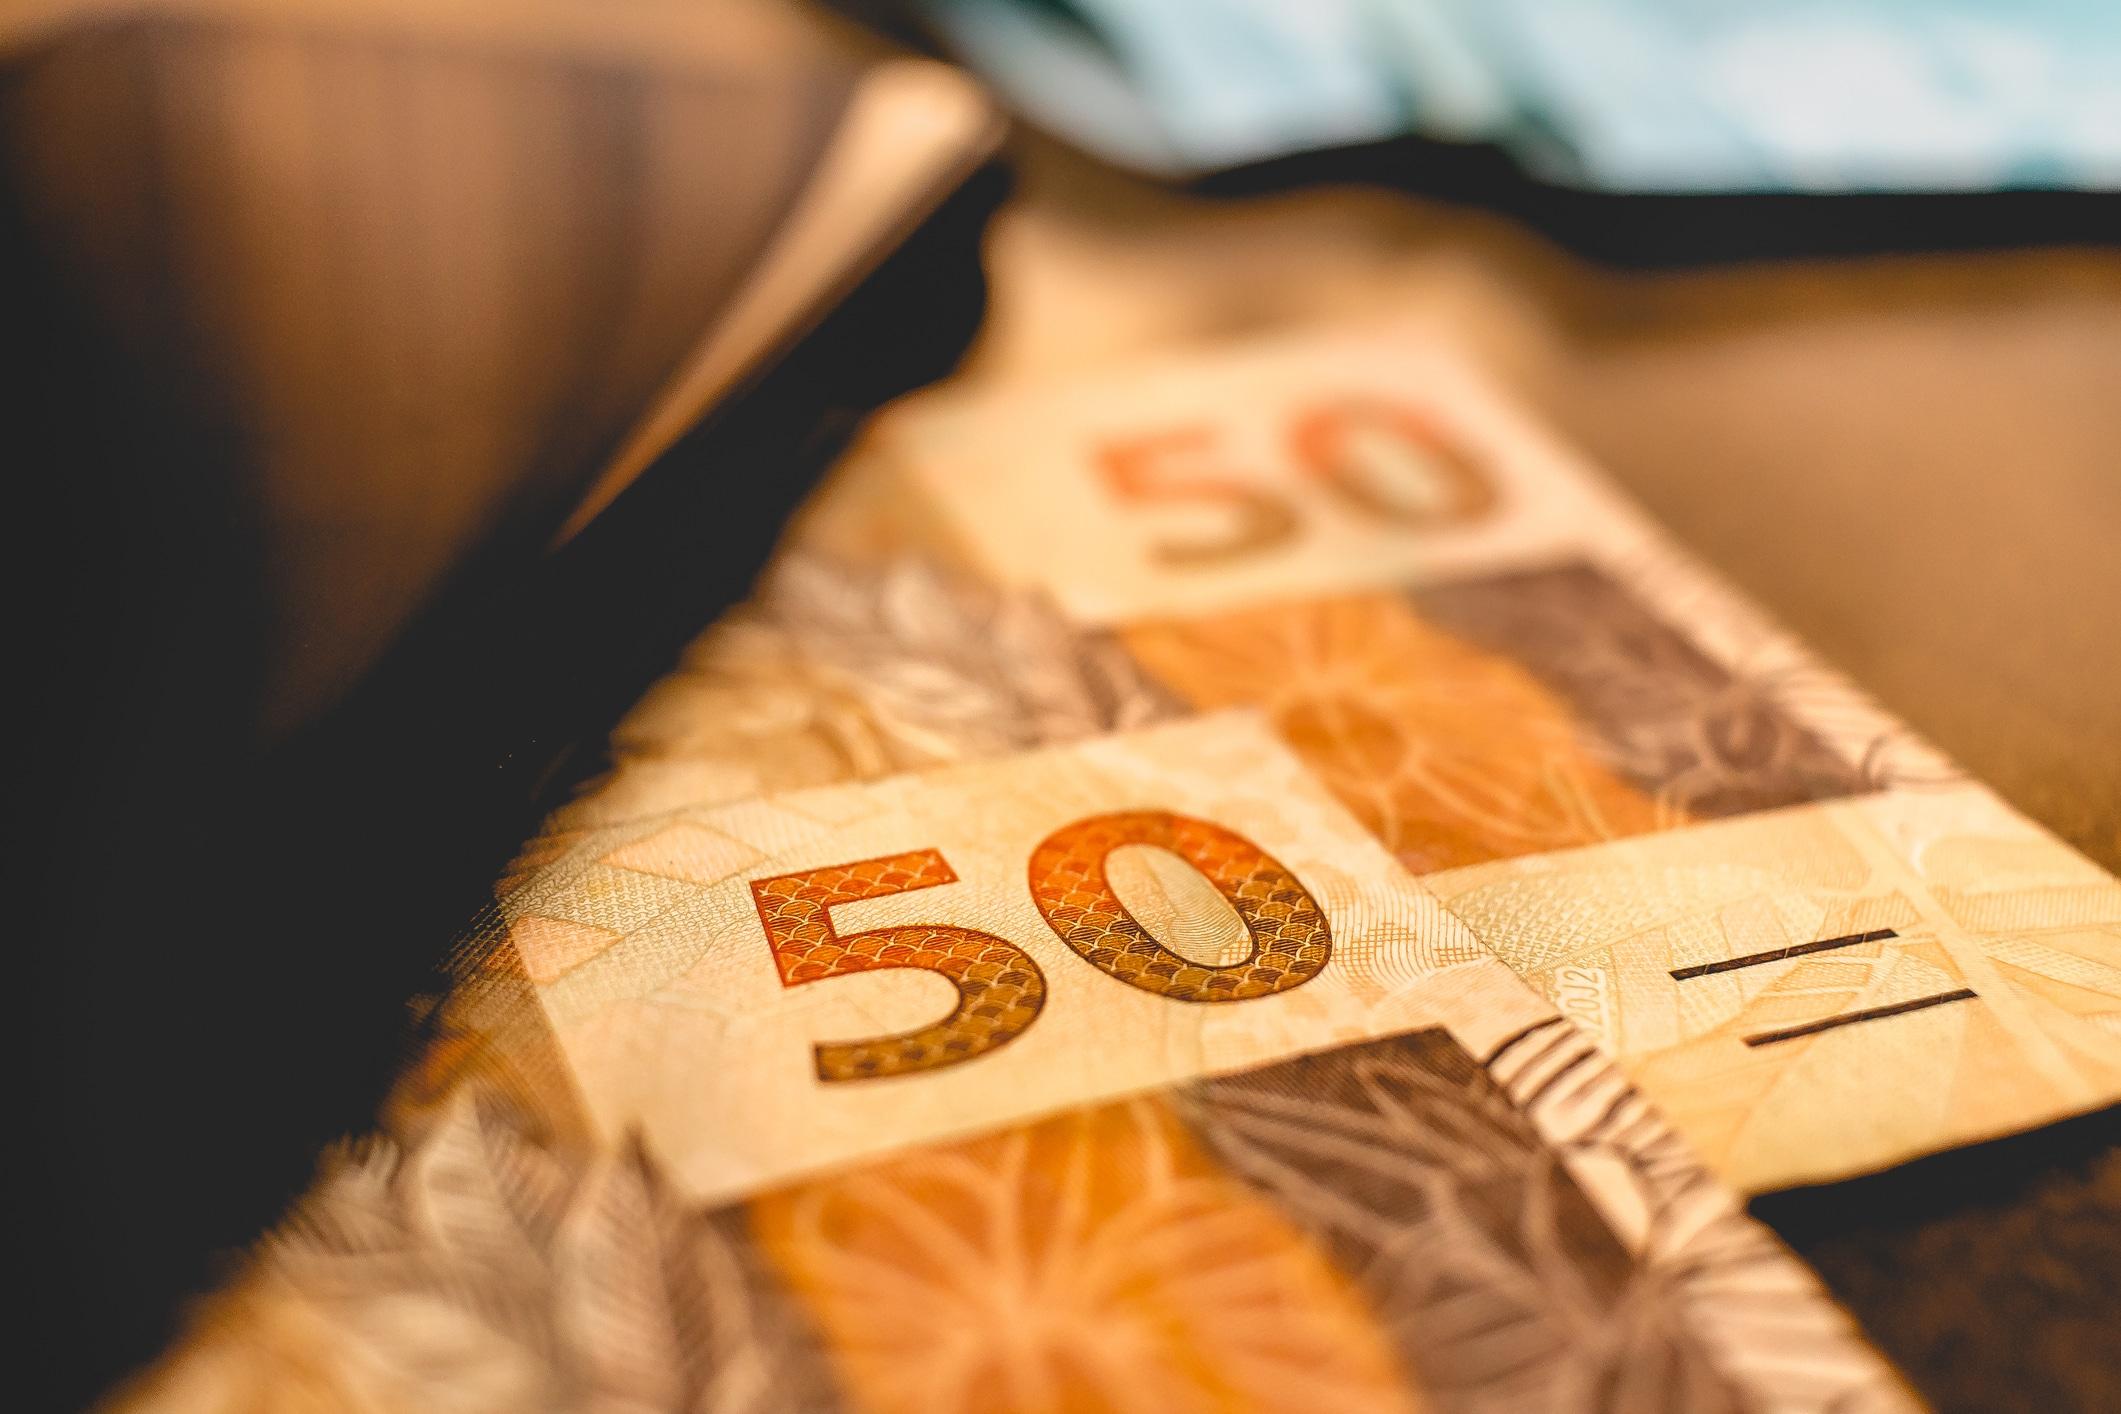 Duas notas de R$ 50,00